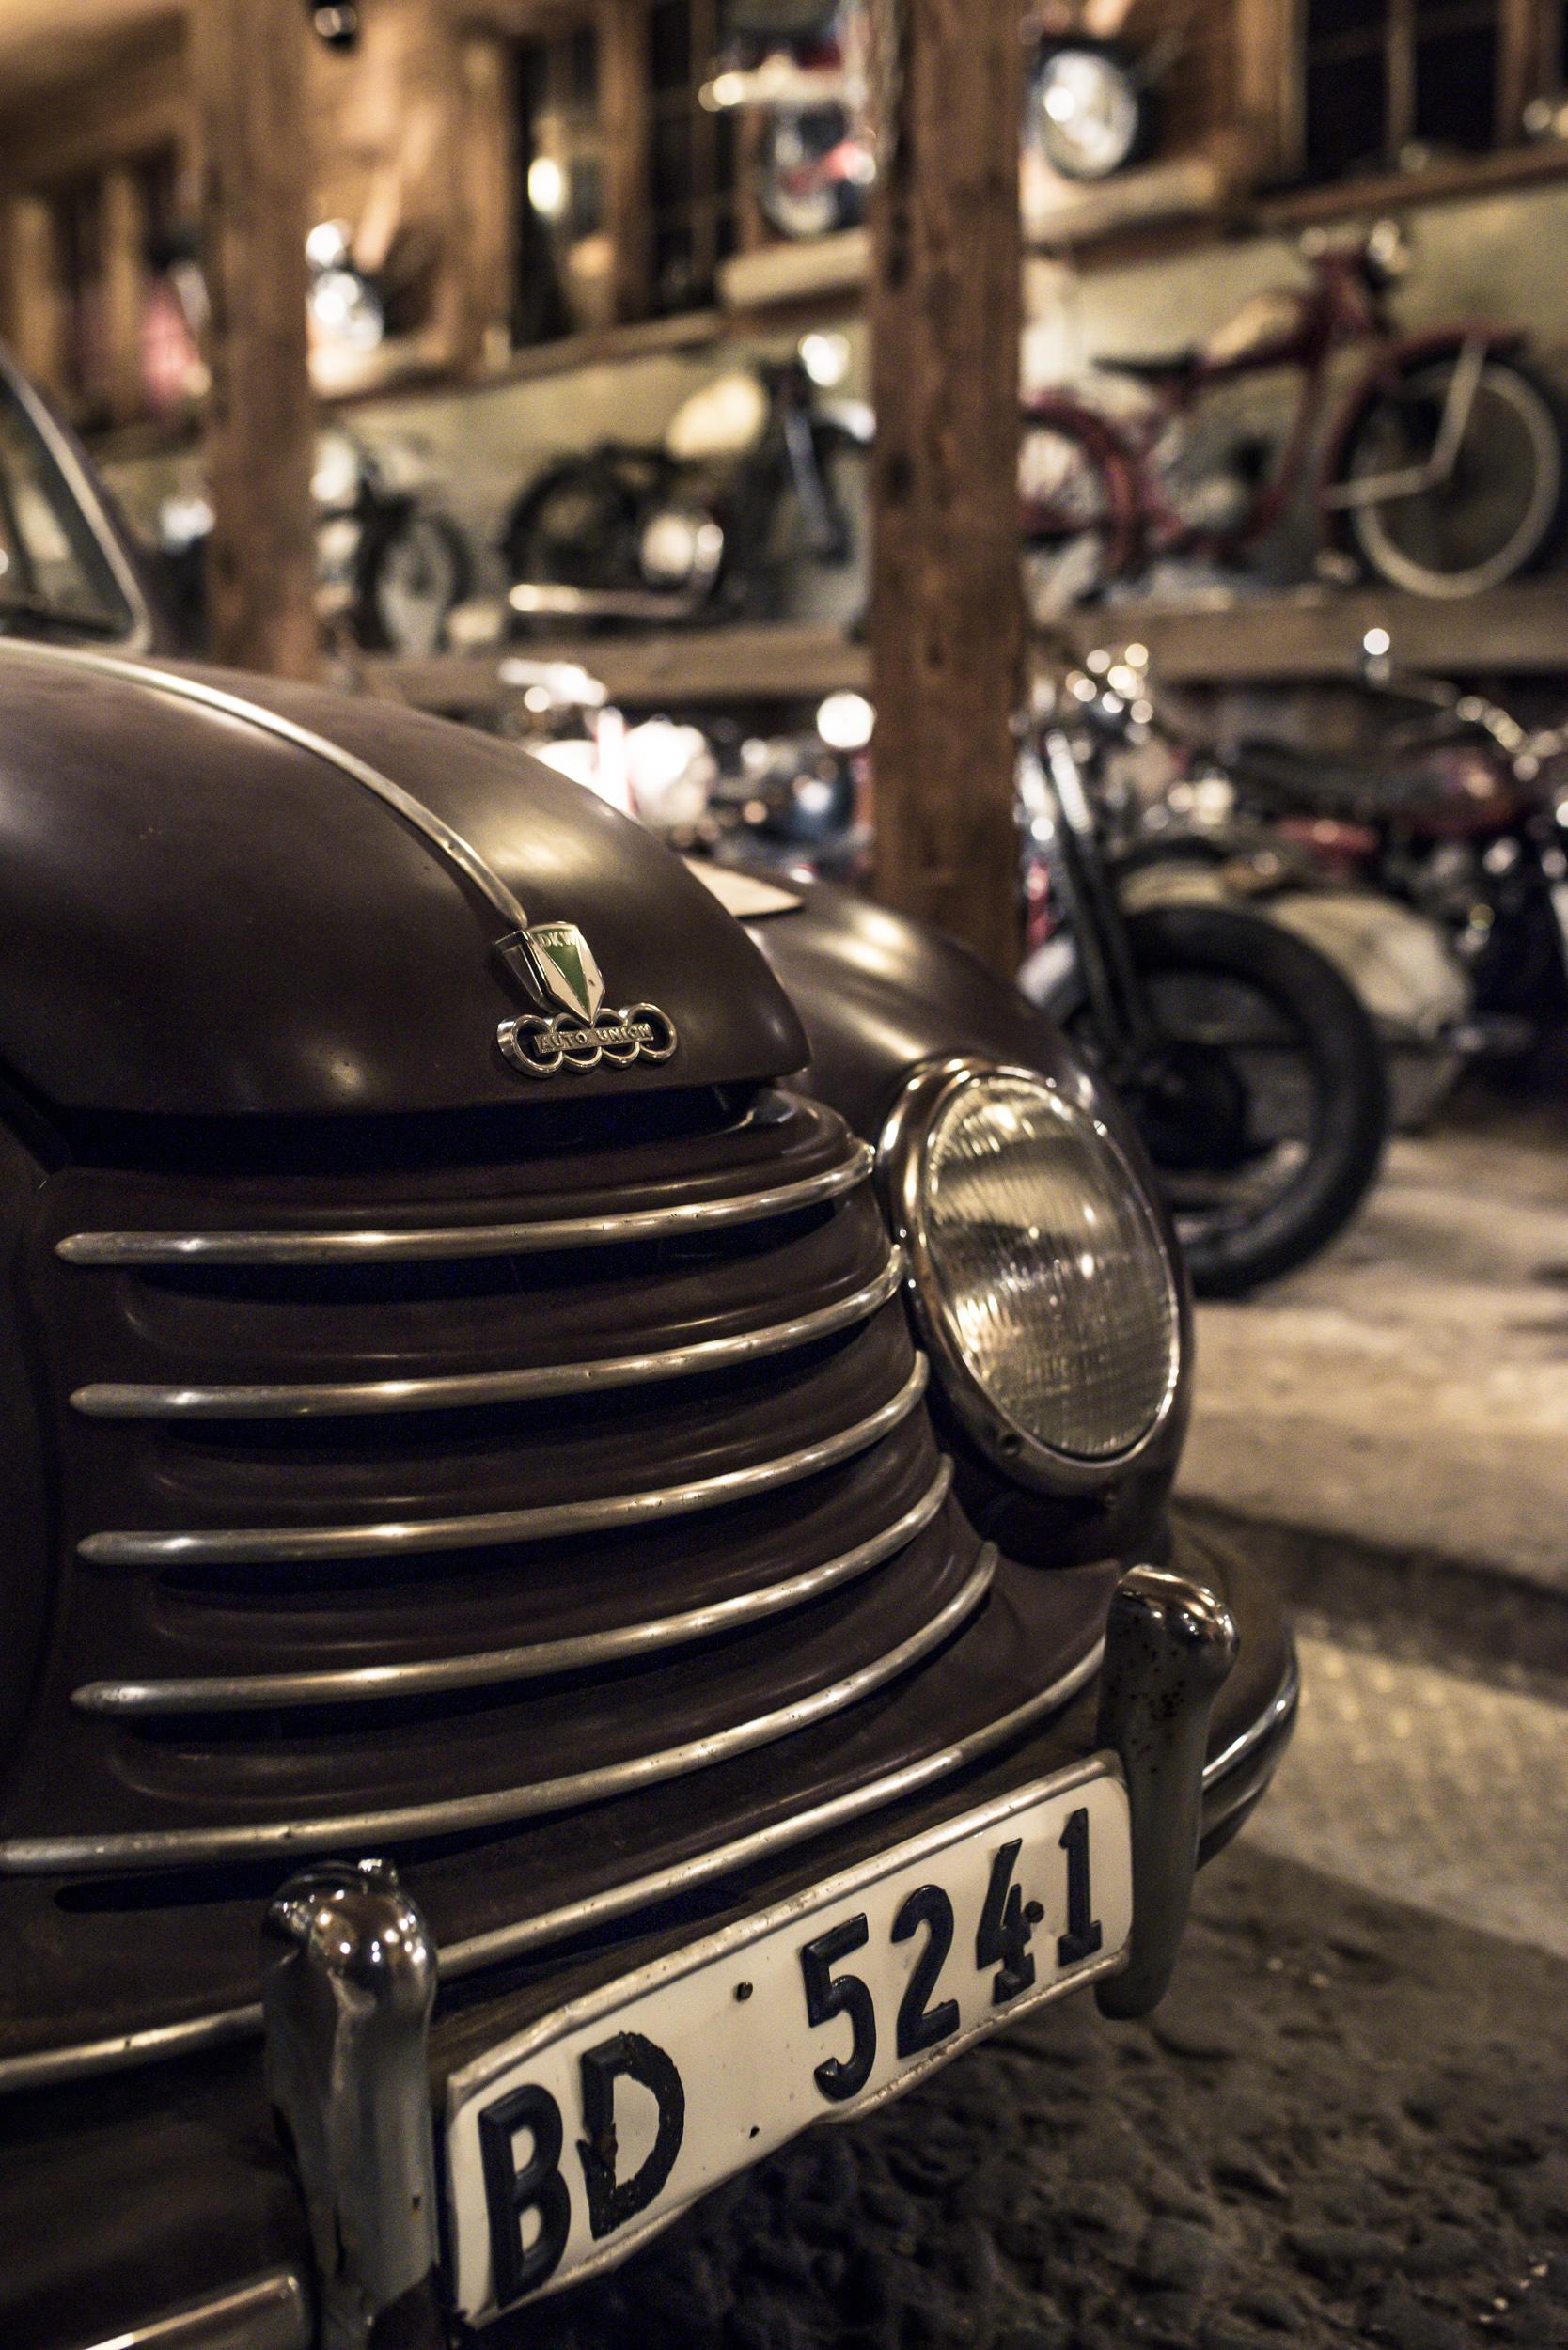 Chrmigare utseende på bilana förr i tiden. Här en gammal Audi. Undrar om det satt nollar bakom ratten på dem då också?